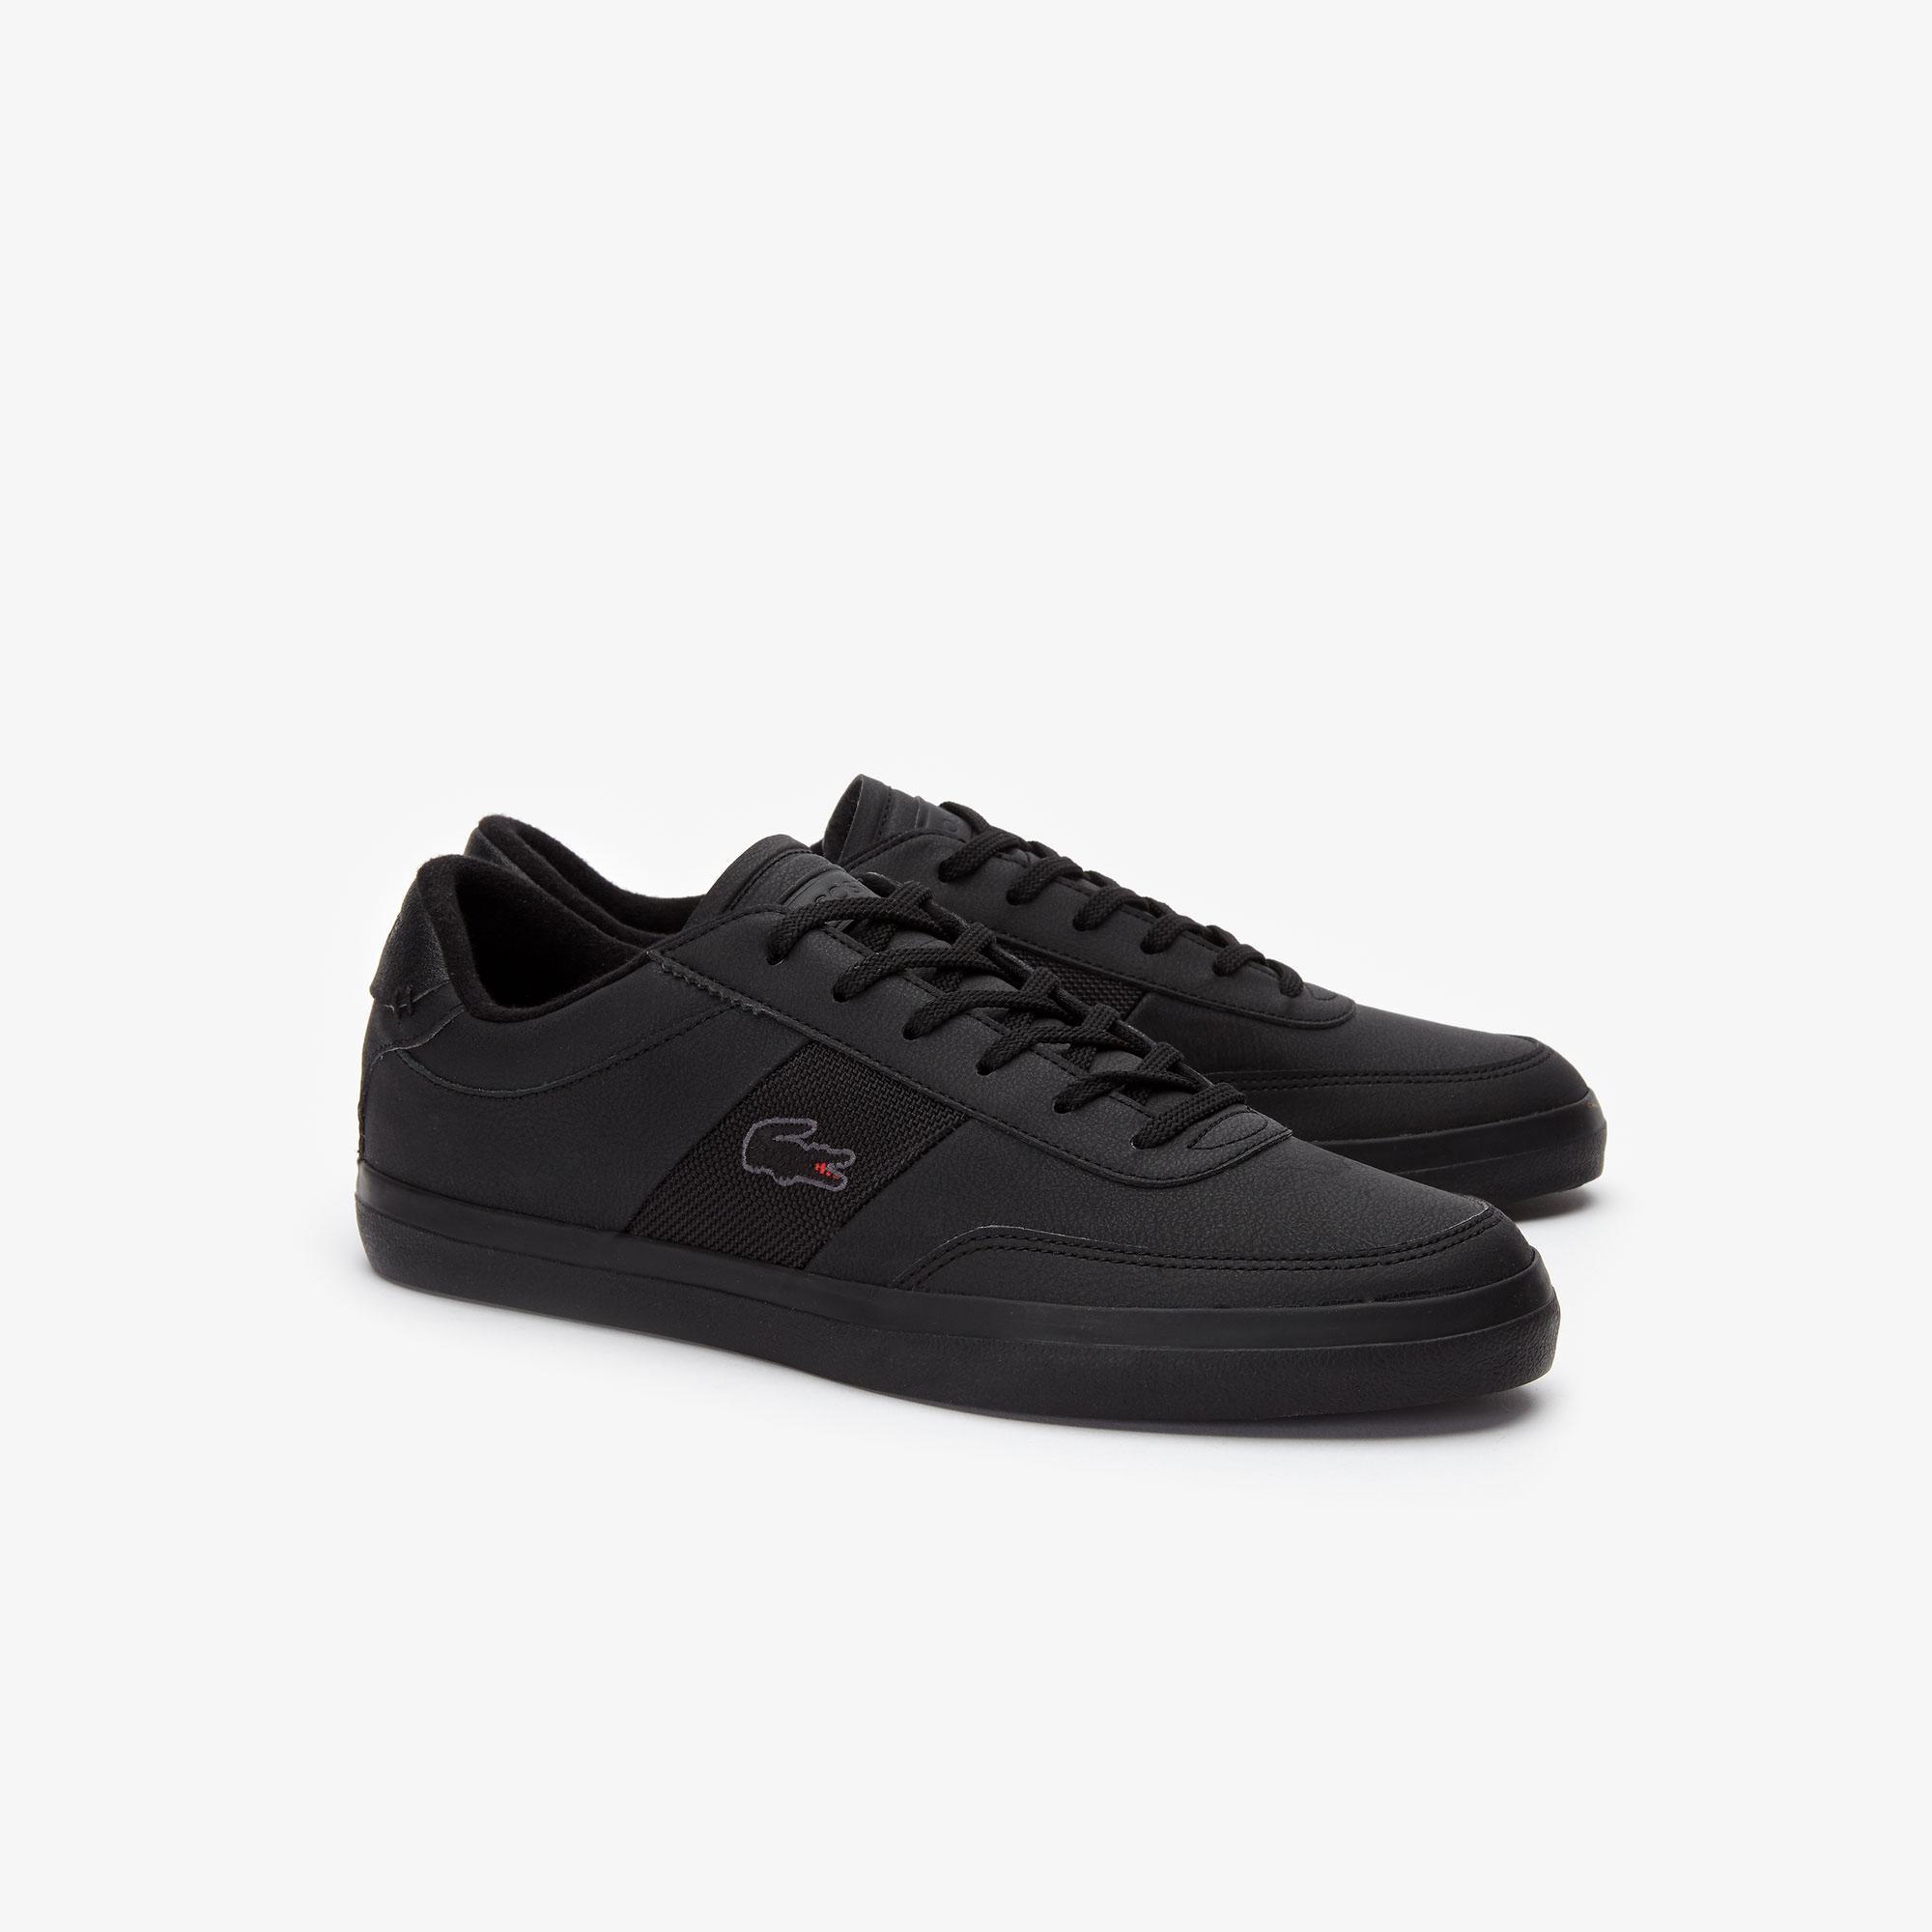 suosituin paras laatu huippulaatua Lacoste Men's Court-Master 319 5 Cma Casual Shoes